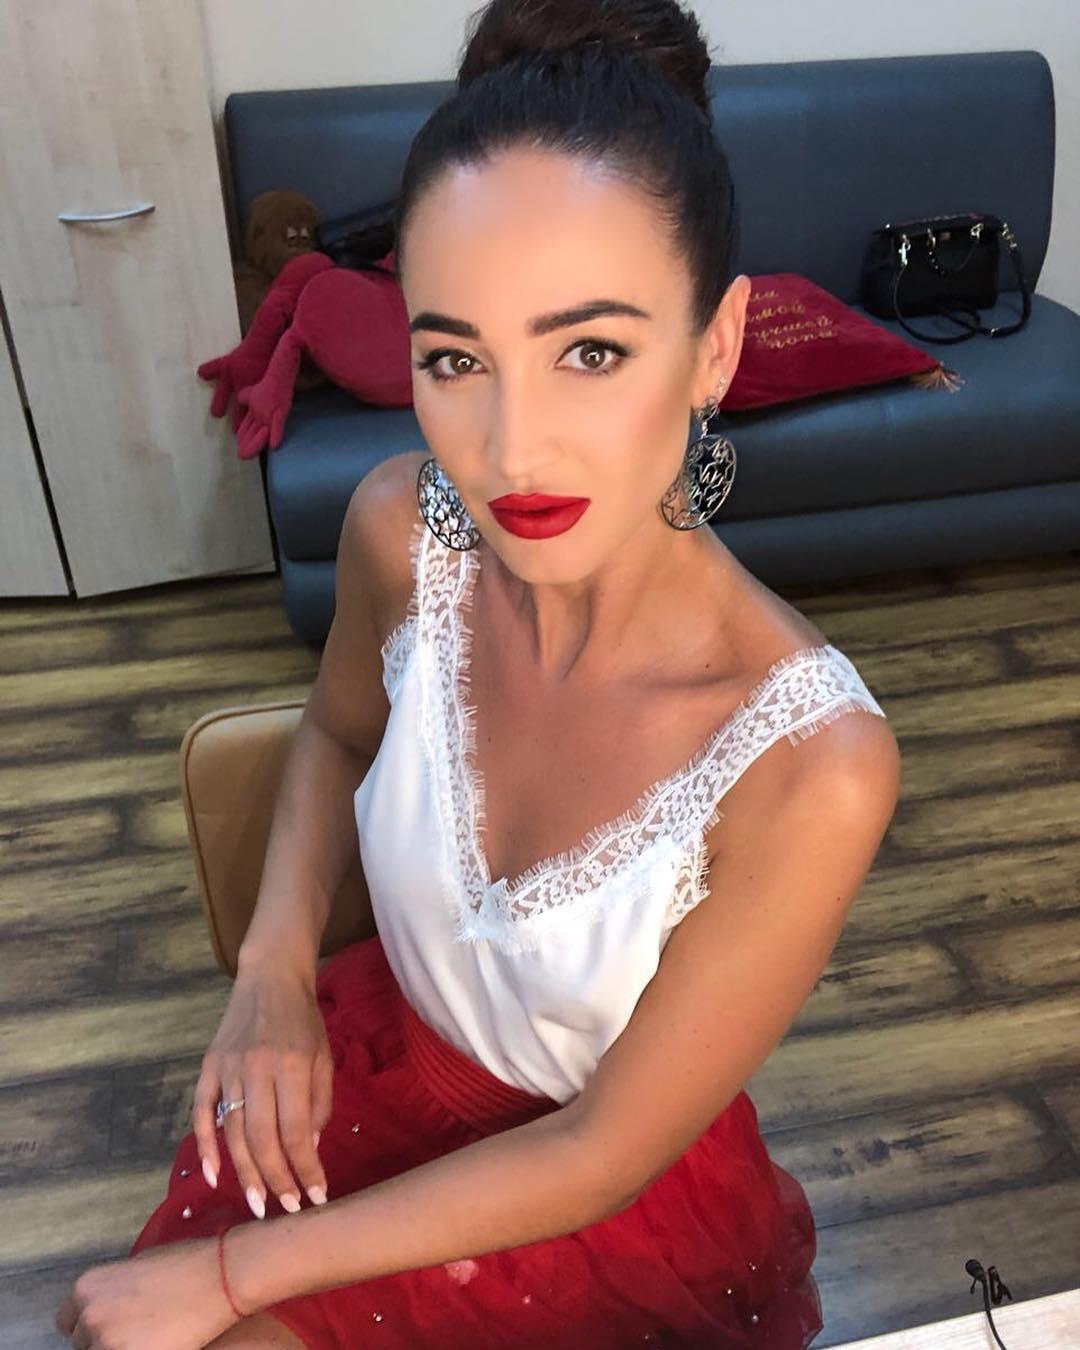 Ольга Бузова угодила  вДТП: Первые фото сместа трагедии